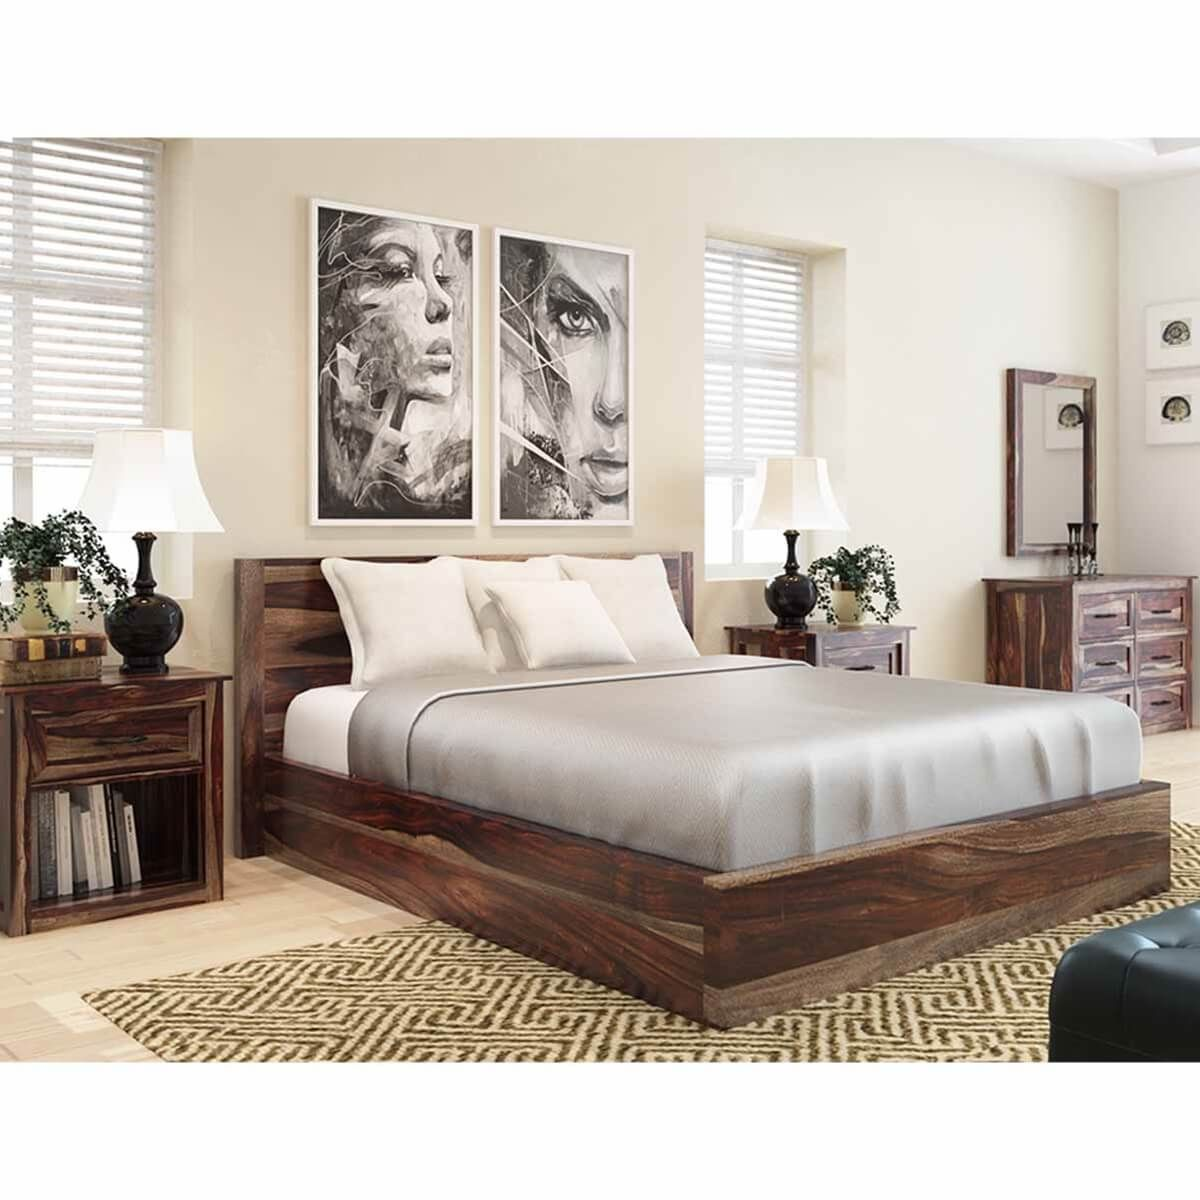 Best Jamaica 5 Piece Bedroom Set Buy Bedroom Furniture 640 x 480